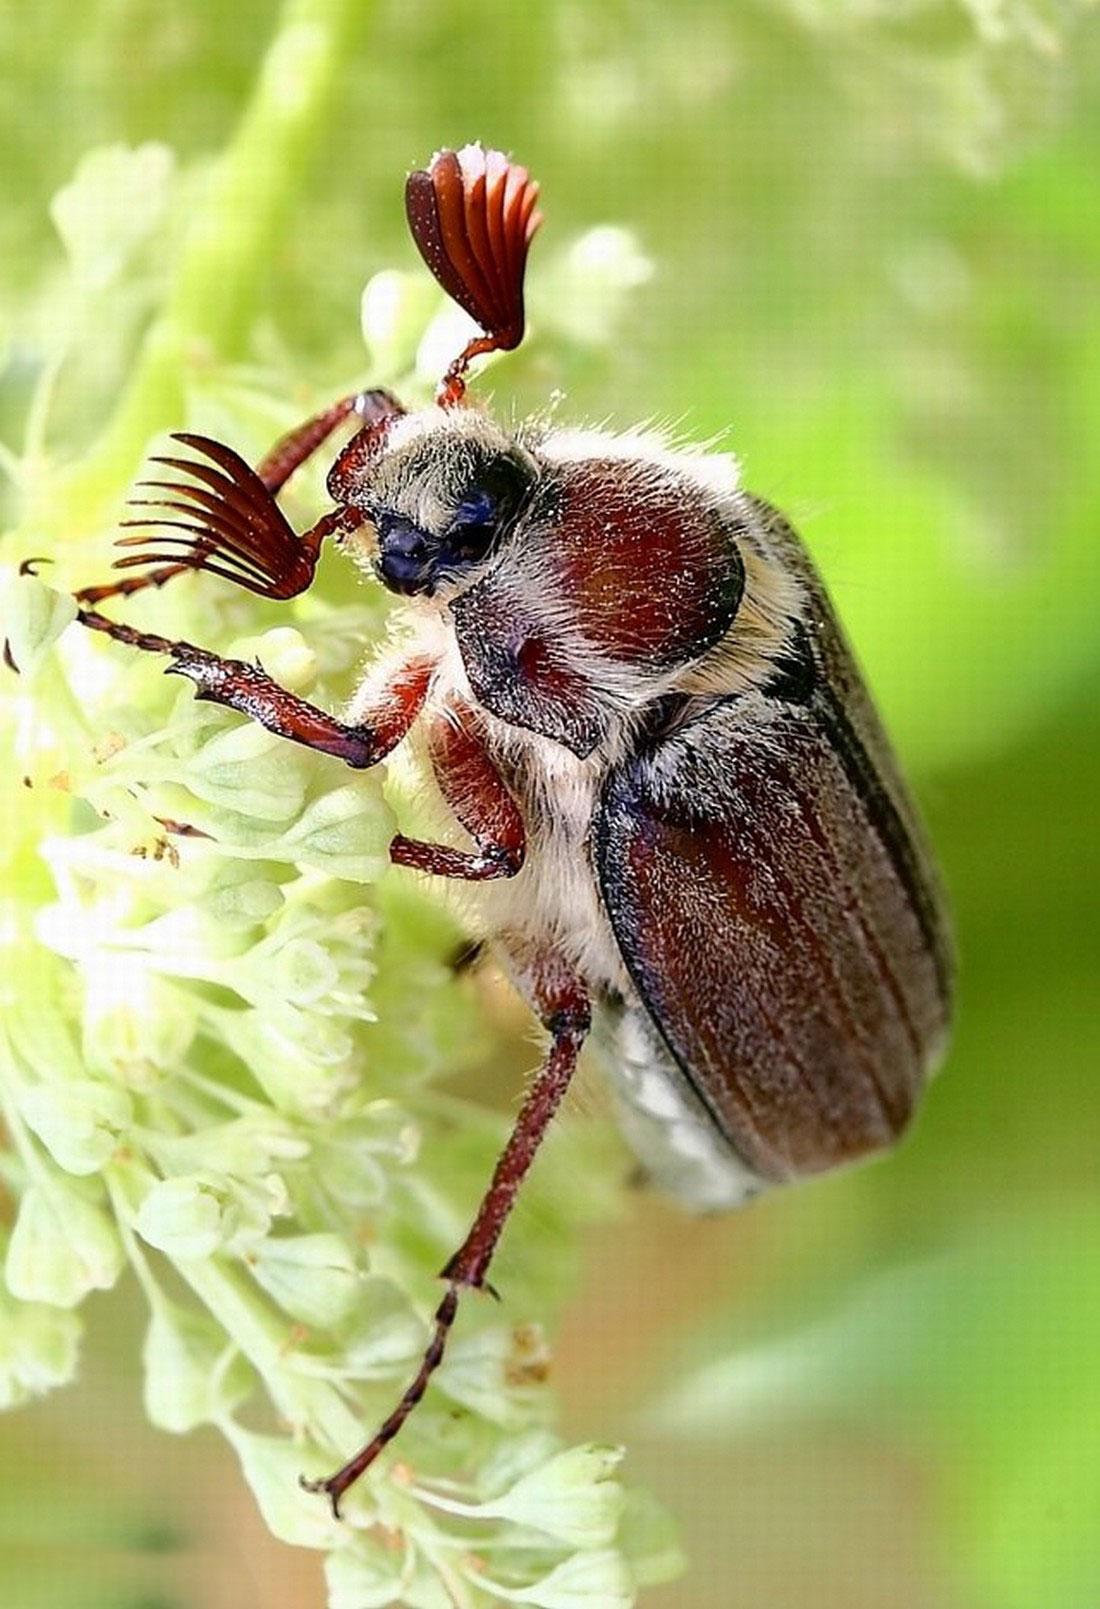 жук большой, фото насекомого